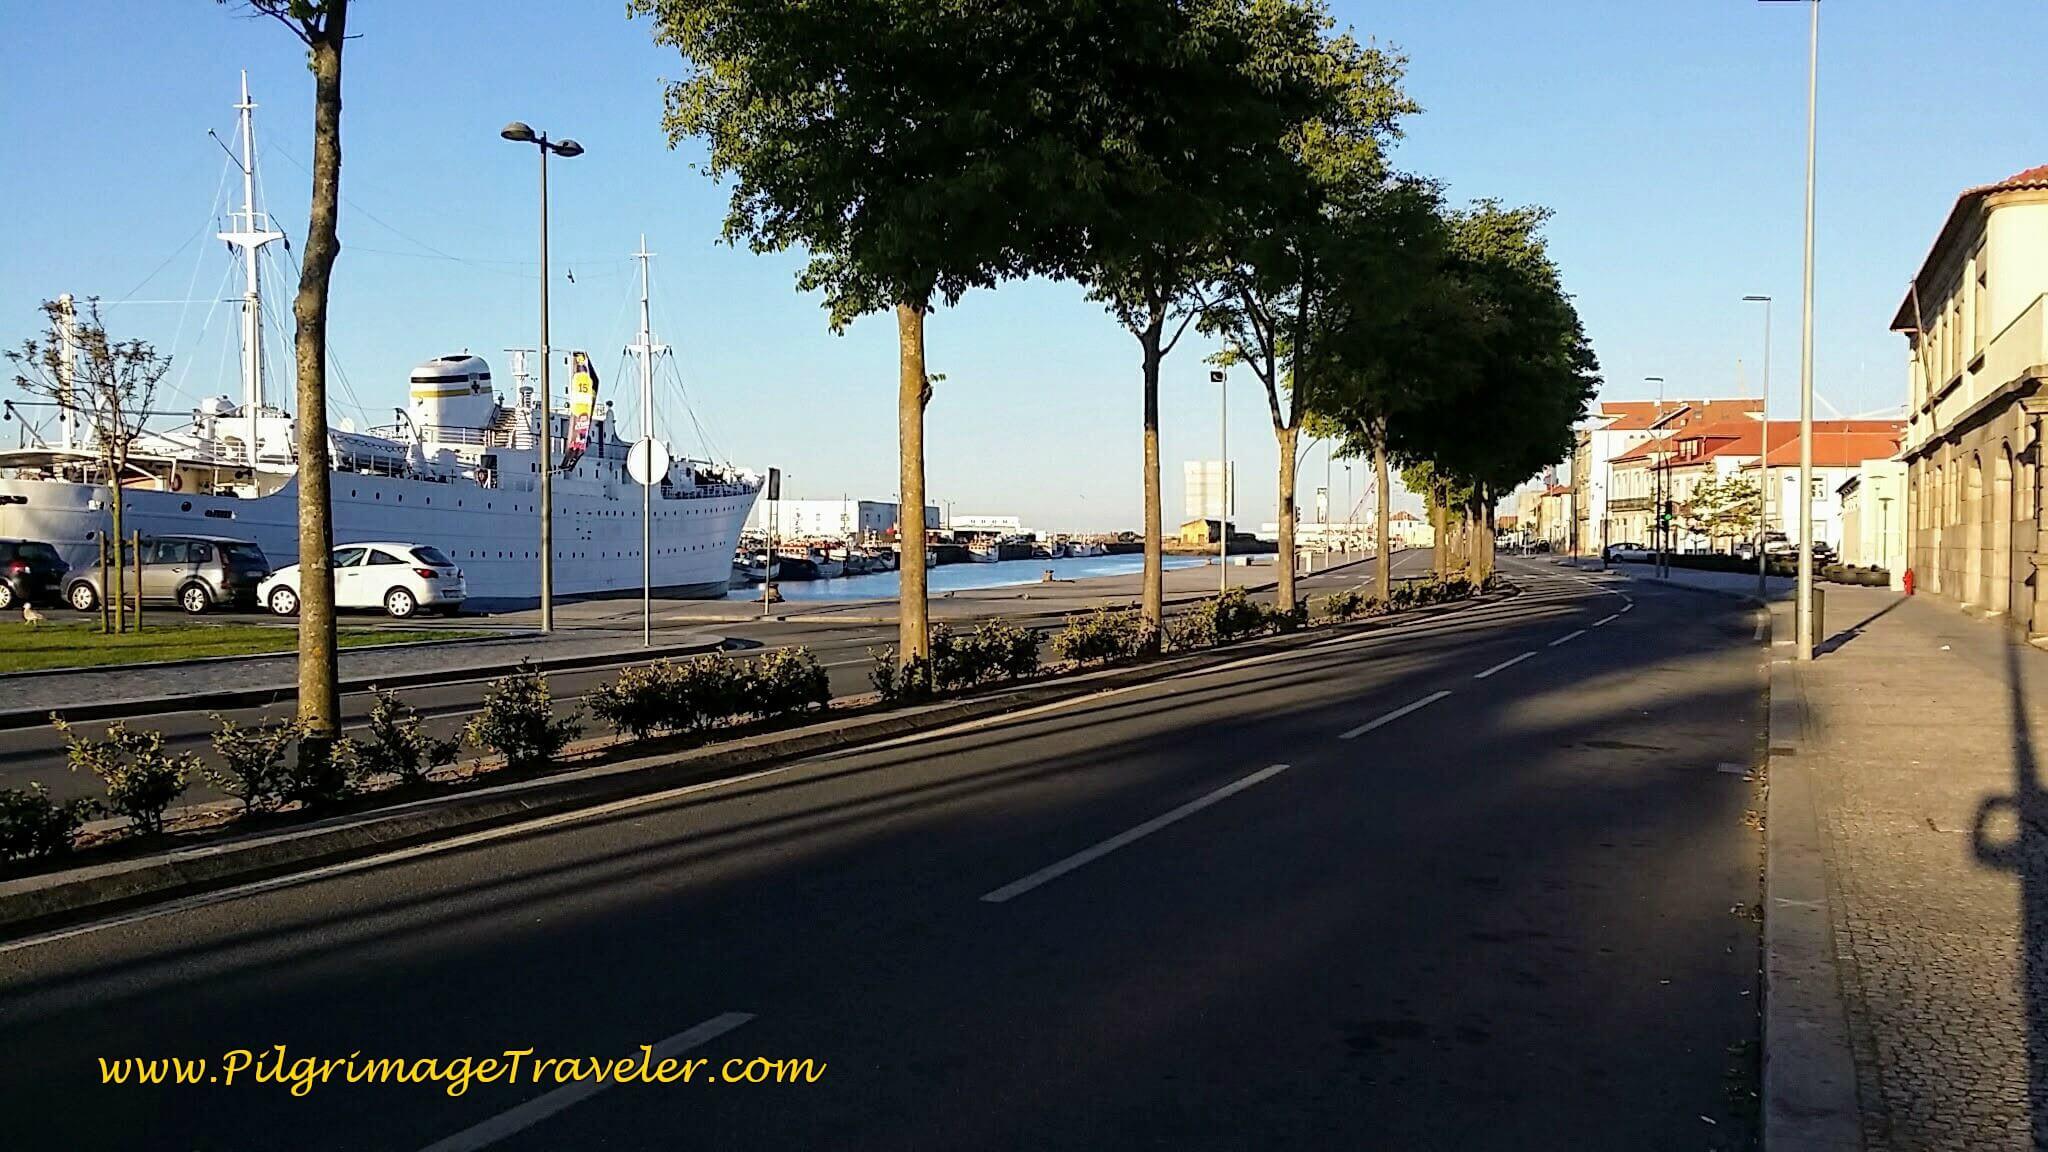 The Harbor along the Rua Alves Cerqueira, Viana do Castelo on day eighteen of the Camino Portugués on the Senda Litoral